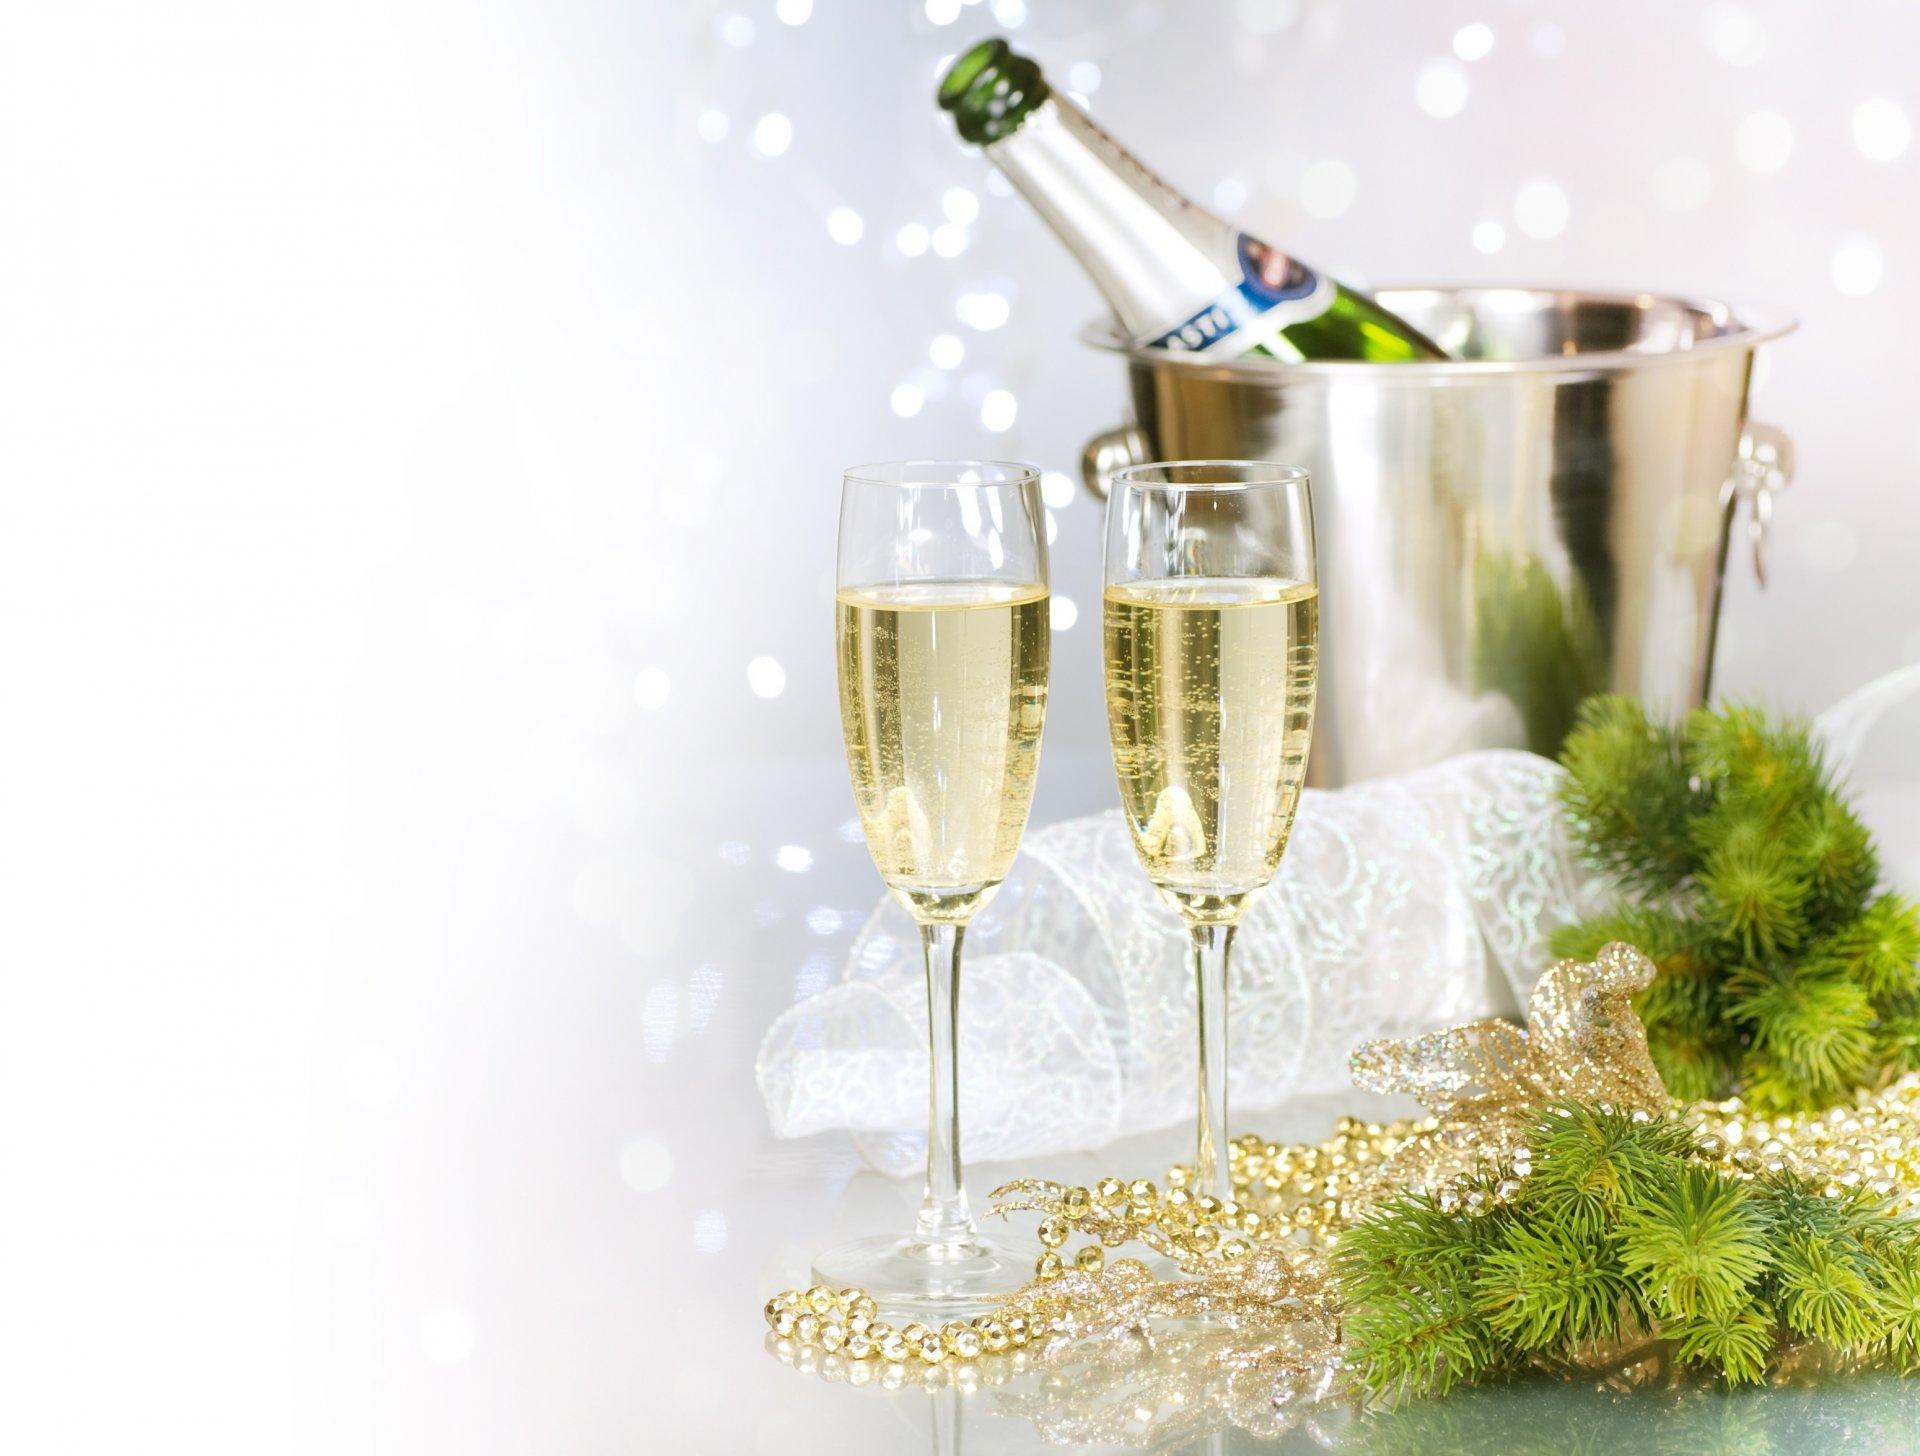 гостях барбоса открытки с шампанским за новый год заявку